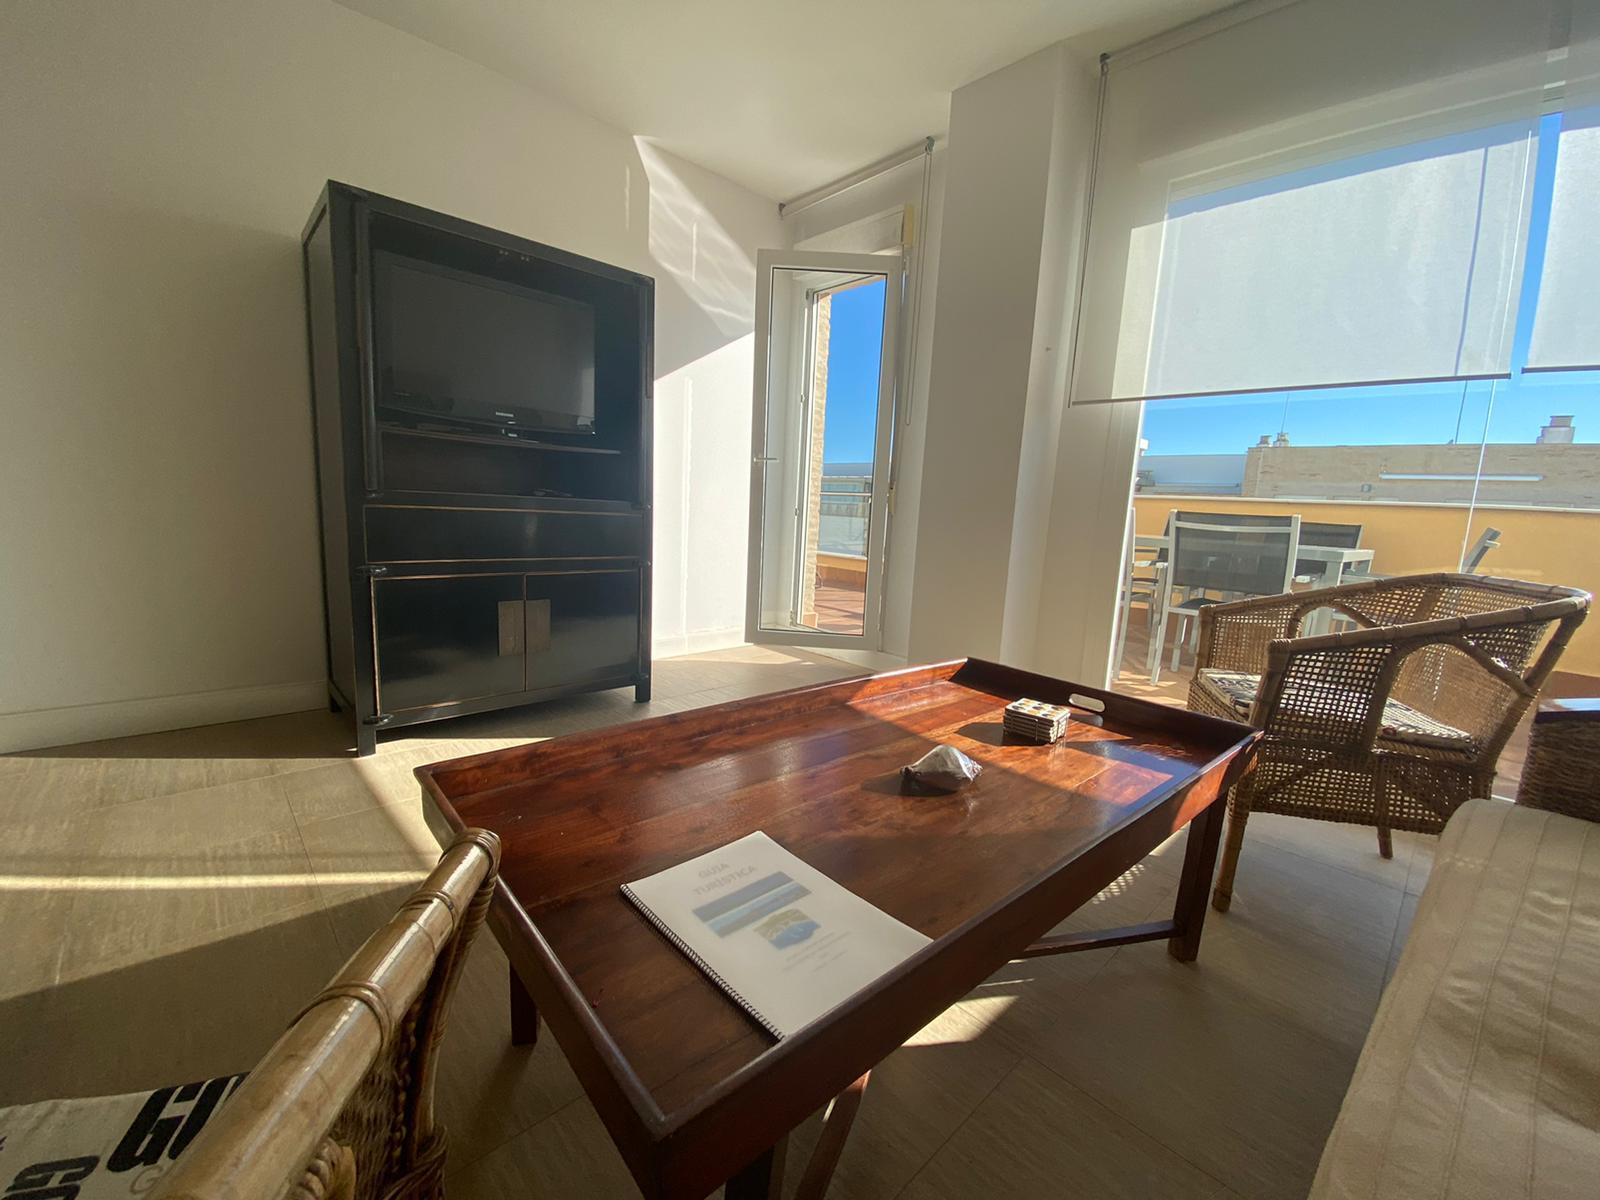 Imagen 25 del Apartamento Turístico, Ático 1 Levante (3d+2b), Punta del Moral (HUELVA), Paseo de la Cruz nº22